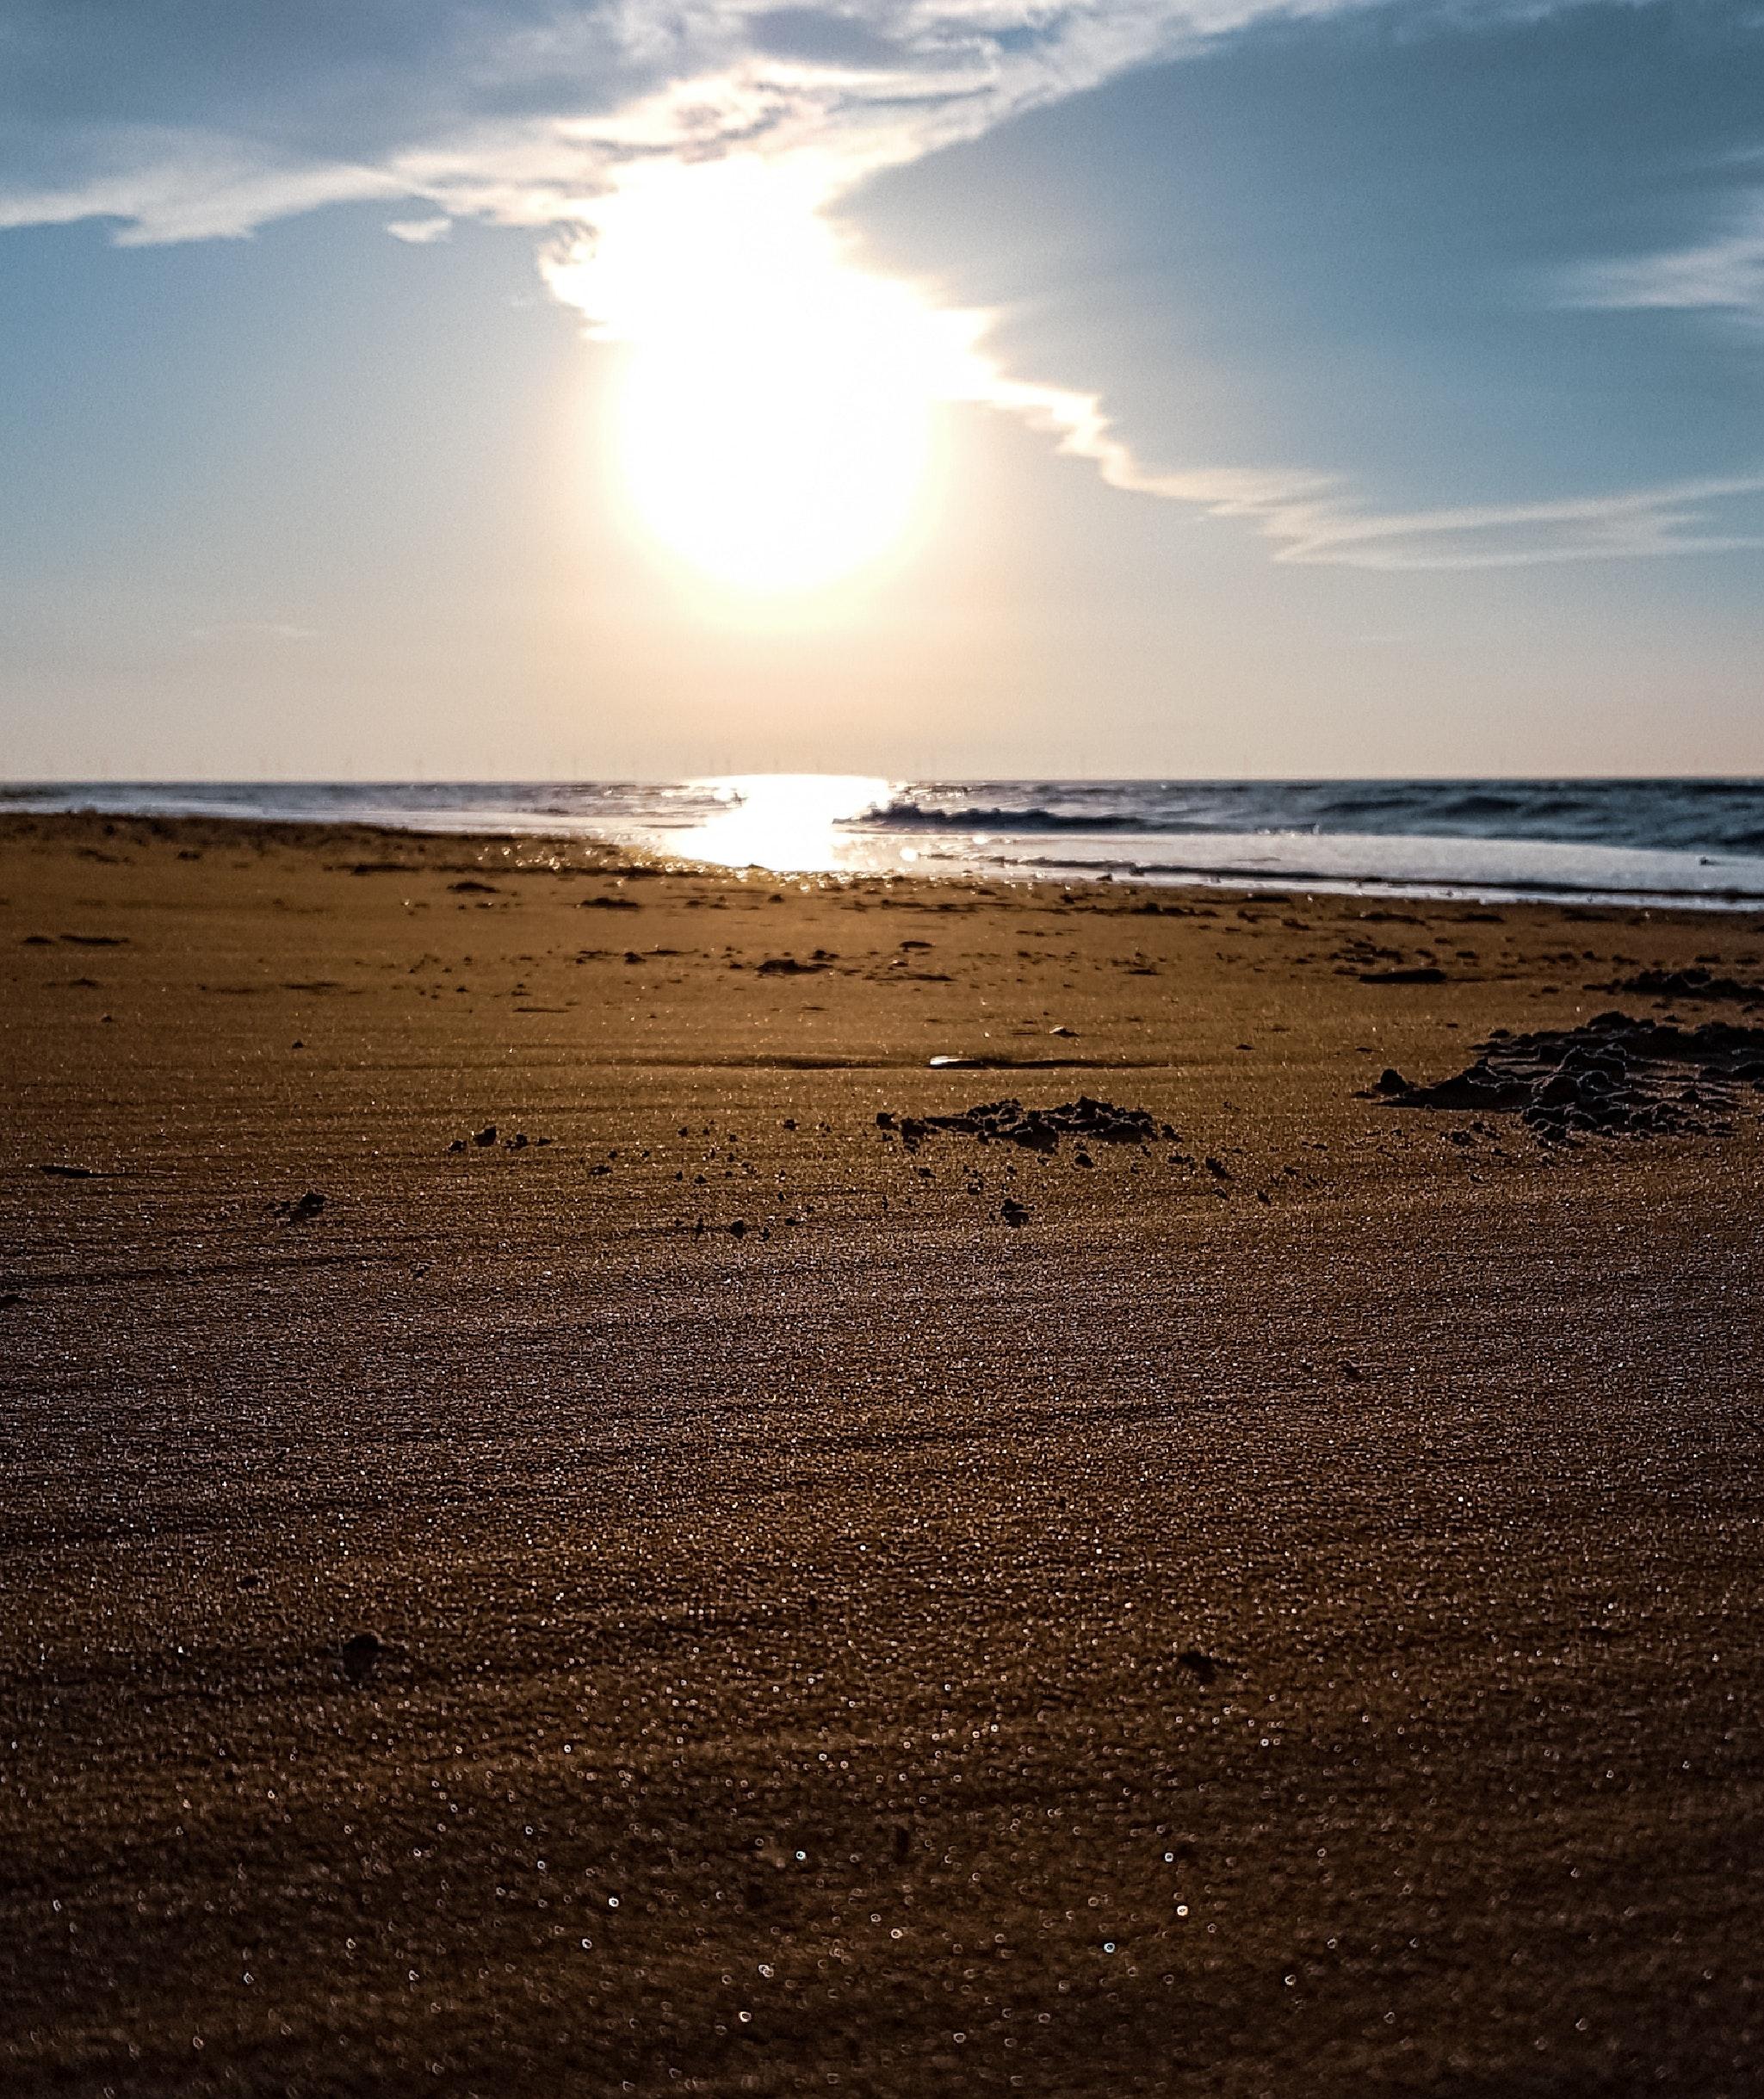 Foto Gratuita Di Immagine Di Sfondo Sabbia Spiaggia